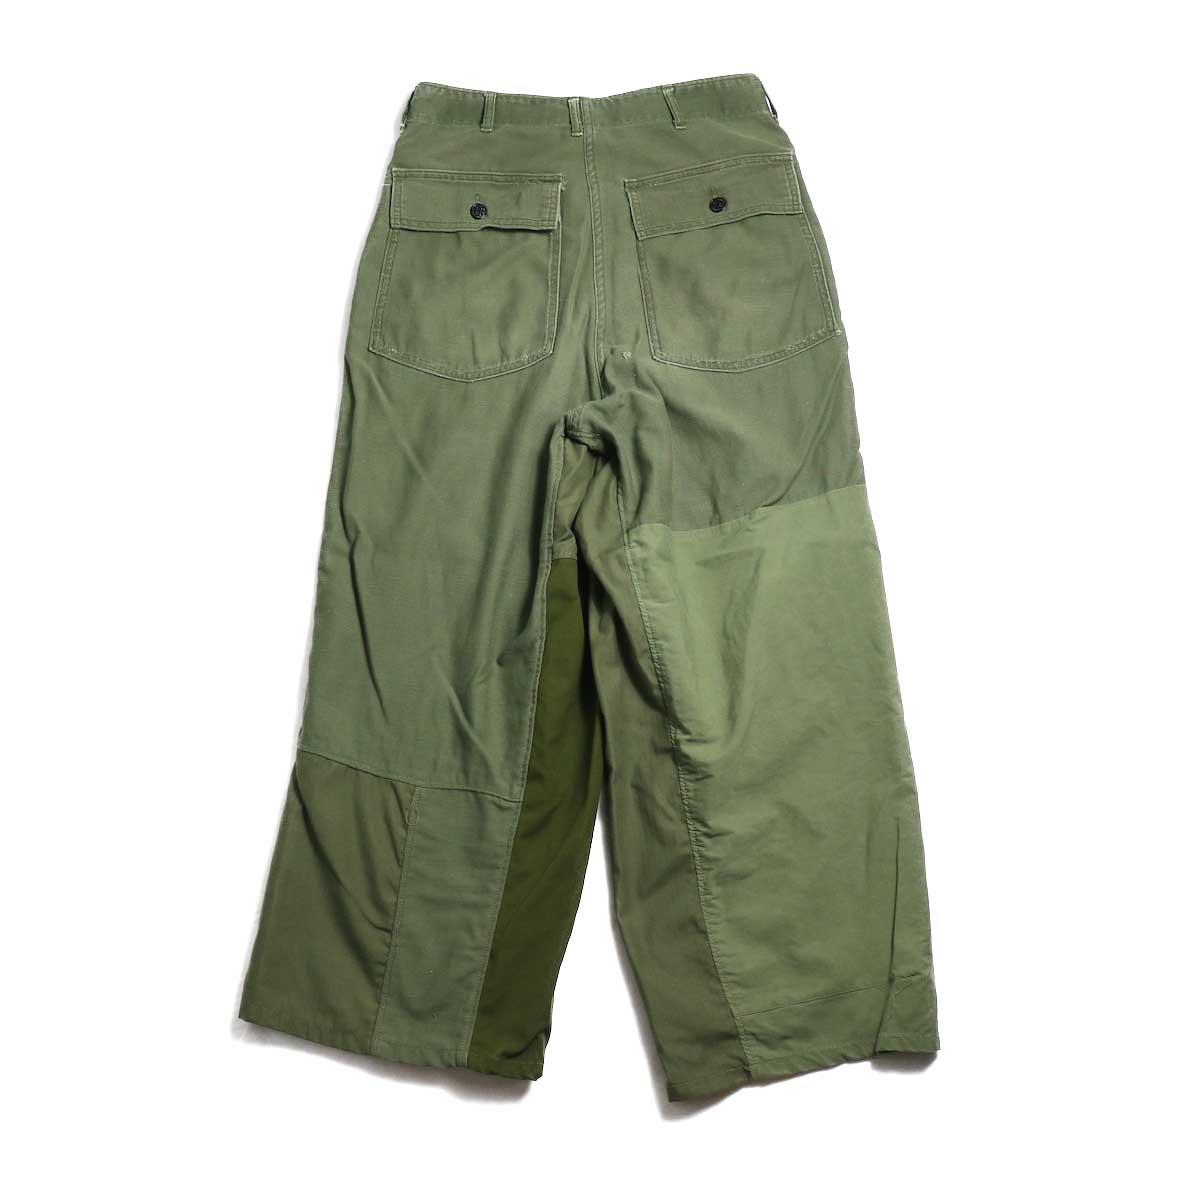 BONUM / Military FAT Pants (Btype)  背面